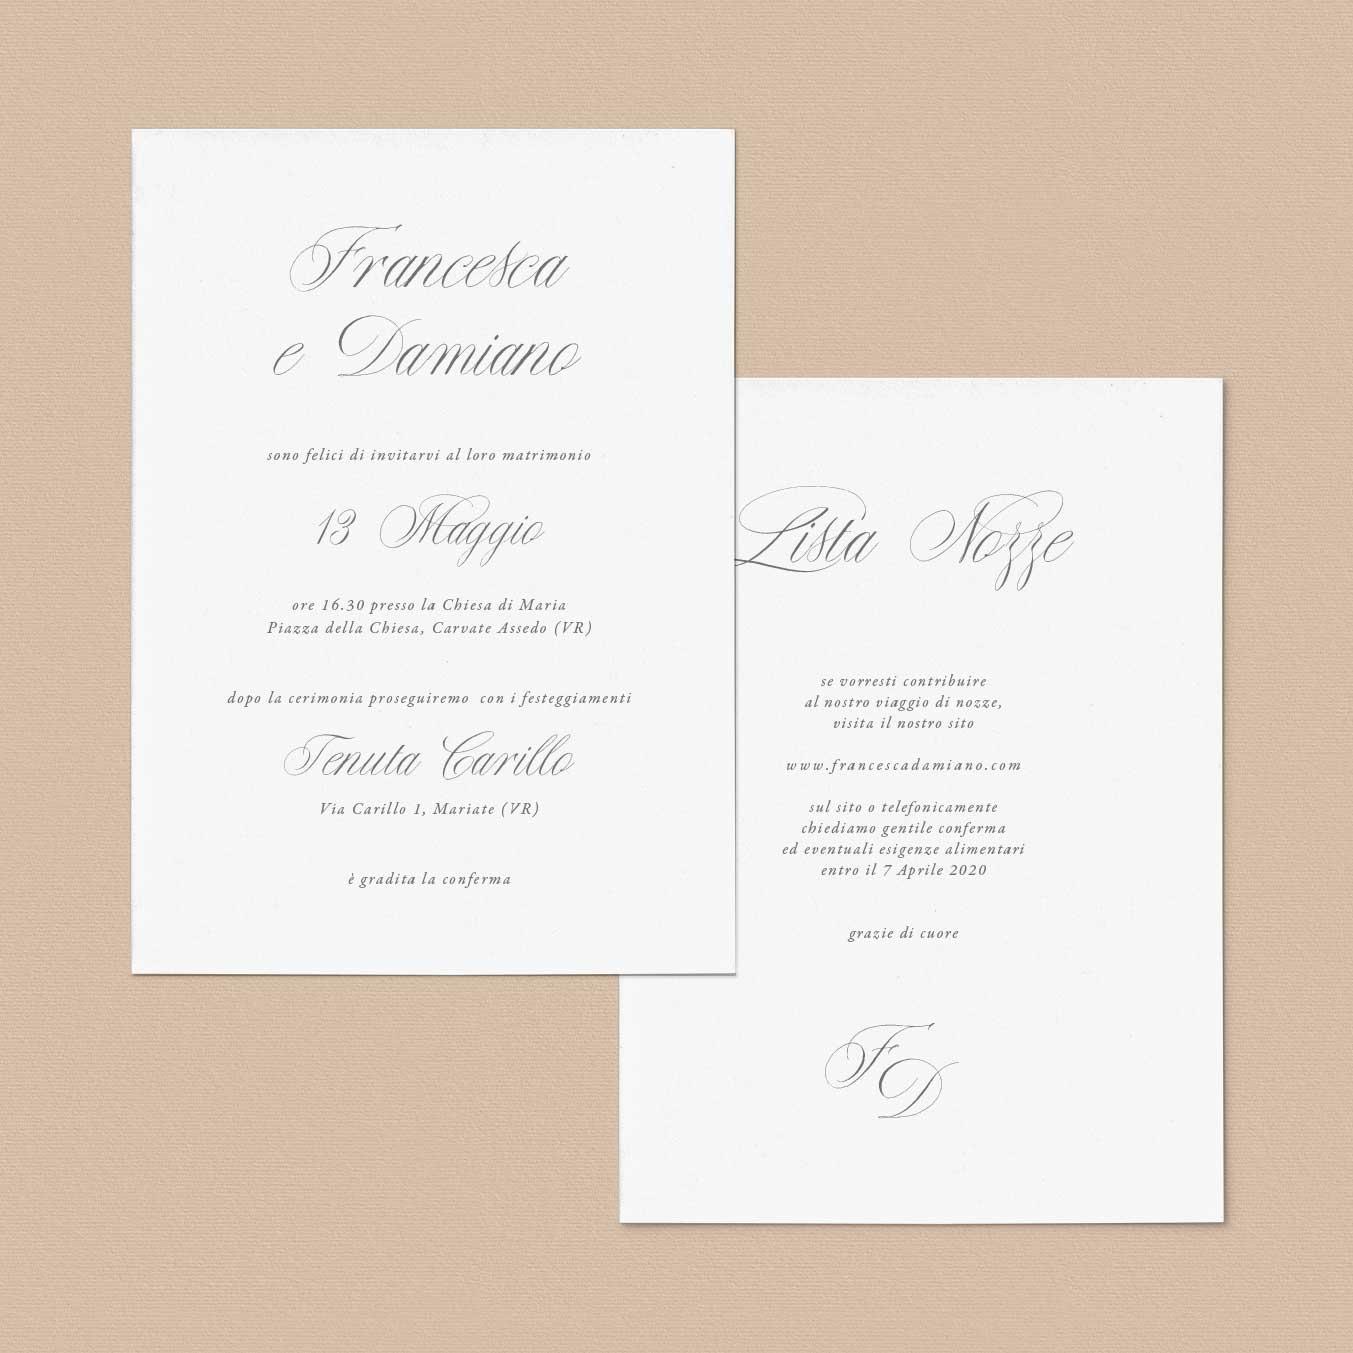 Inviti-di-matrimonio-partecipazioni-di-nozze-classici-classiche-elegante-semplici-idee-impaginazione